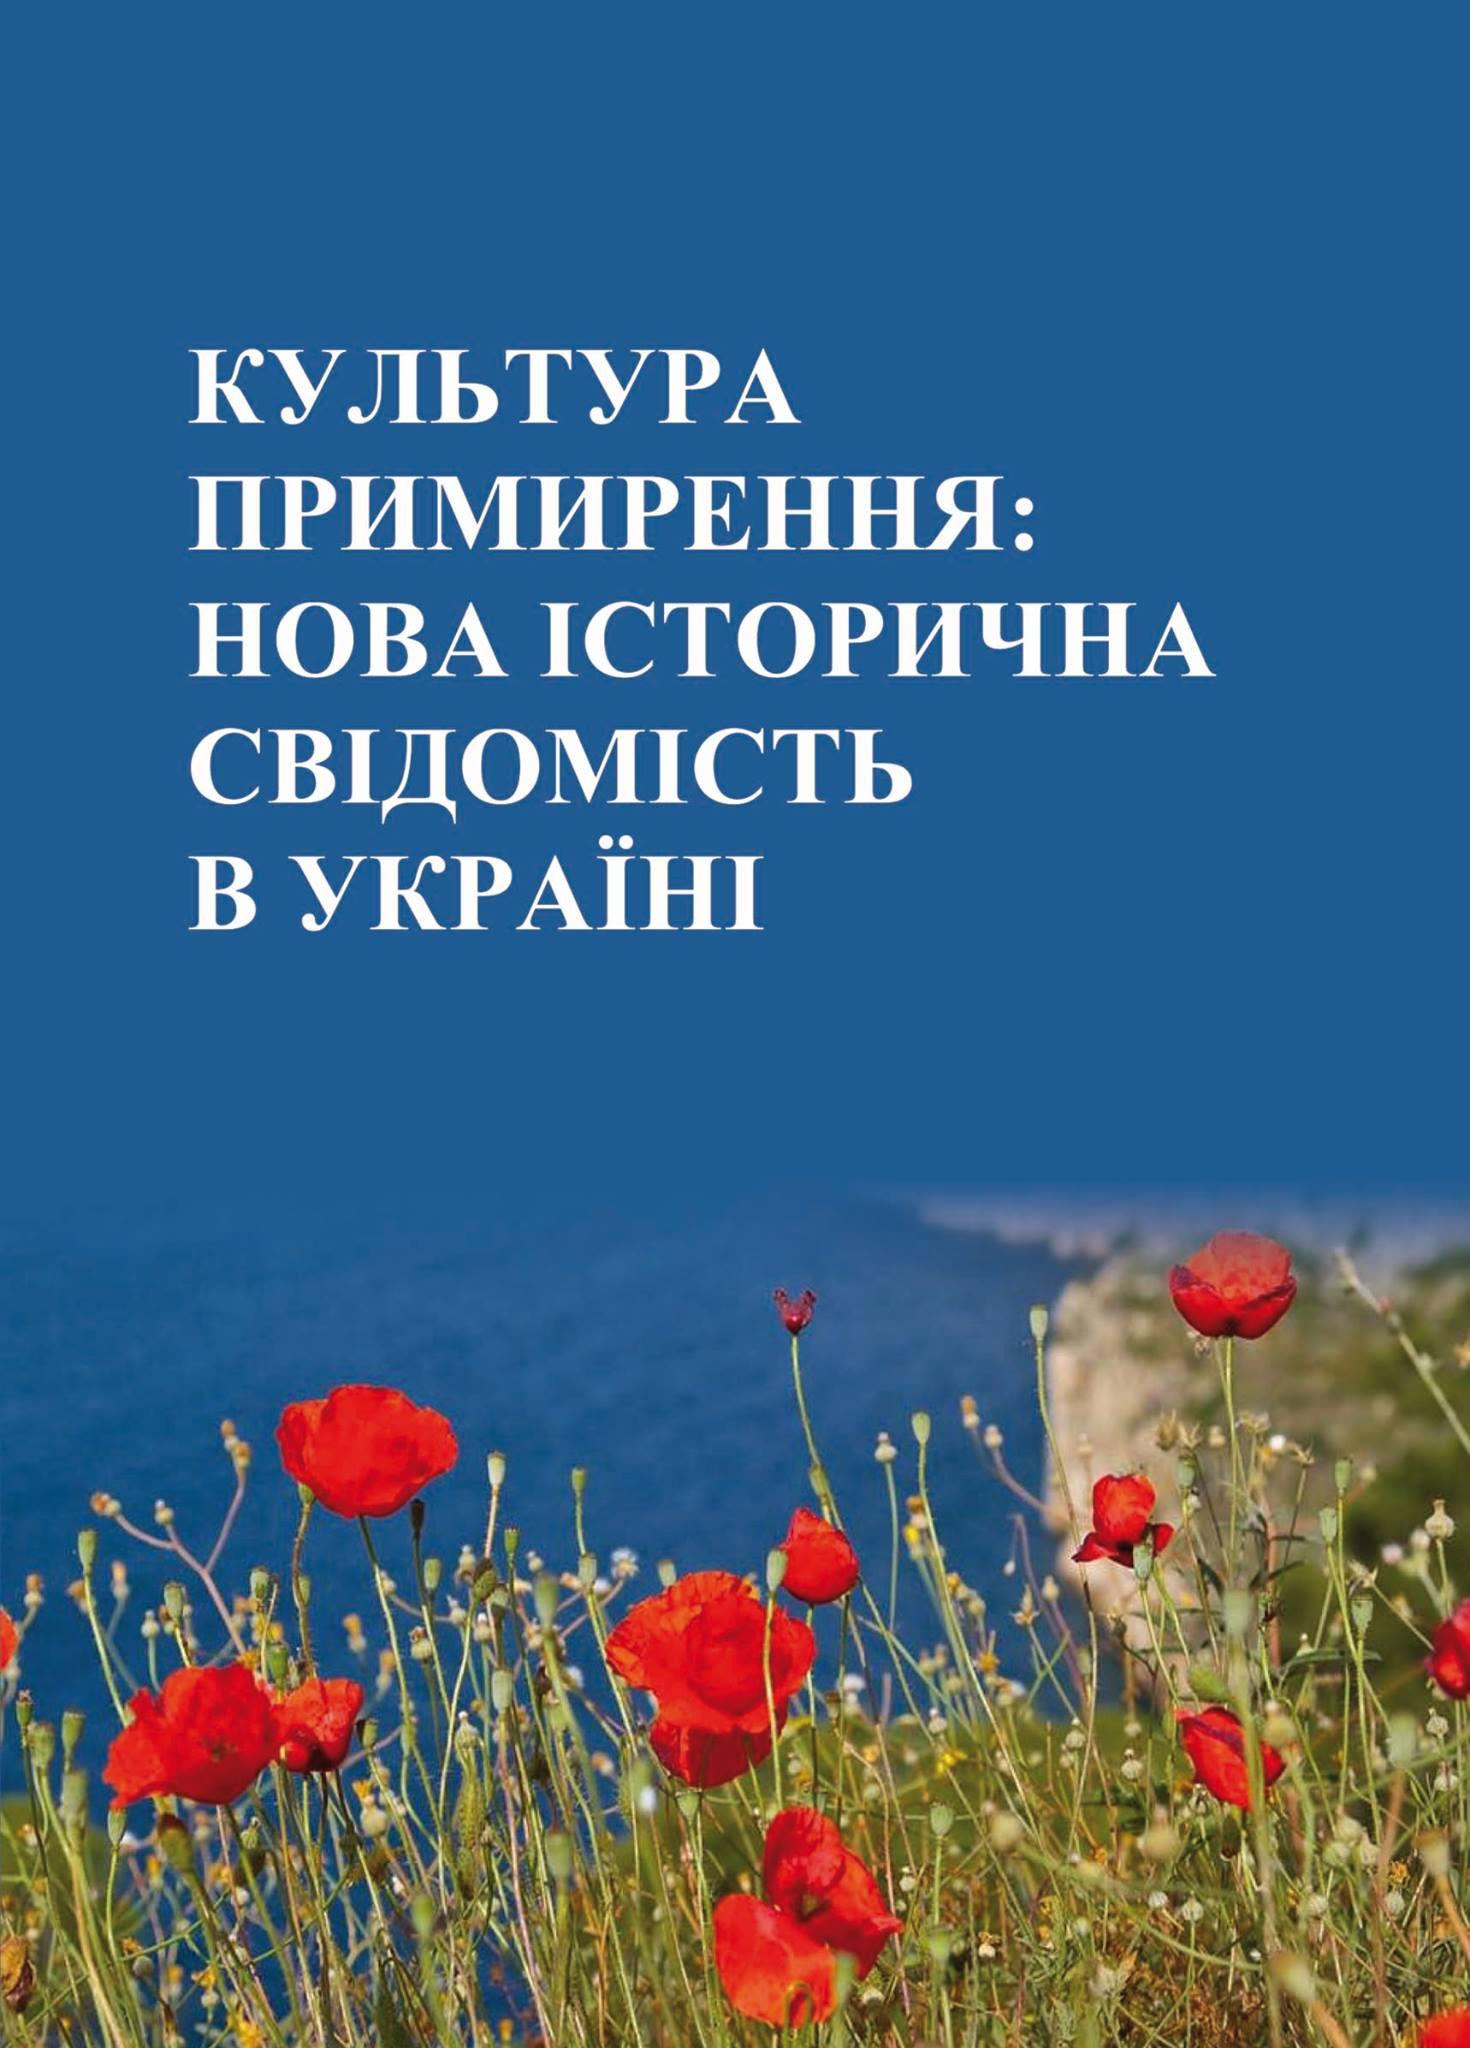 Культура примирення: нова історична свідомість в Україні